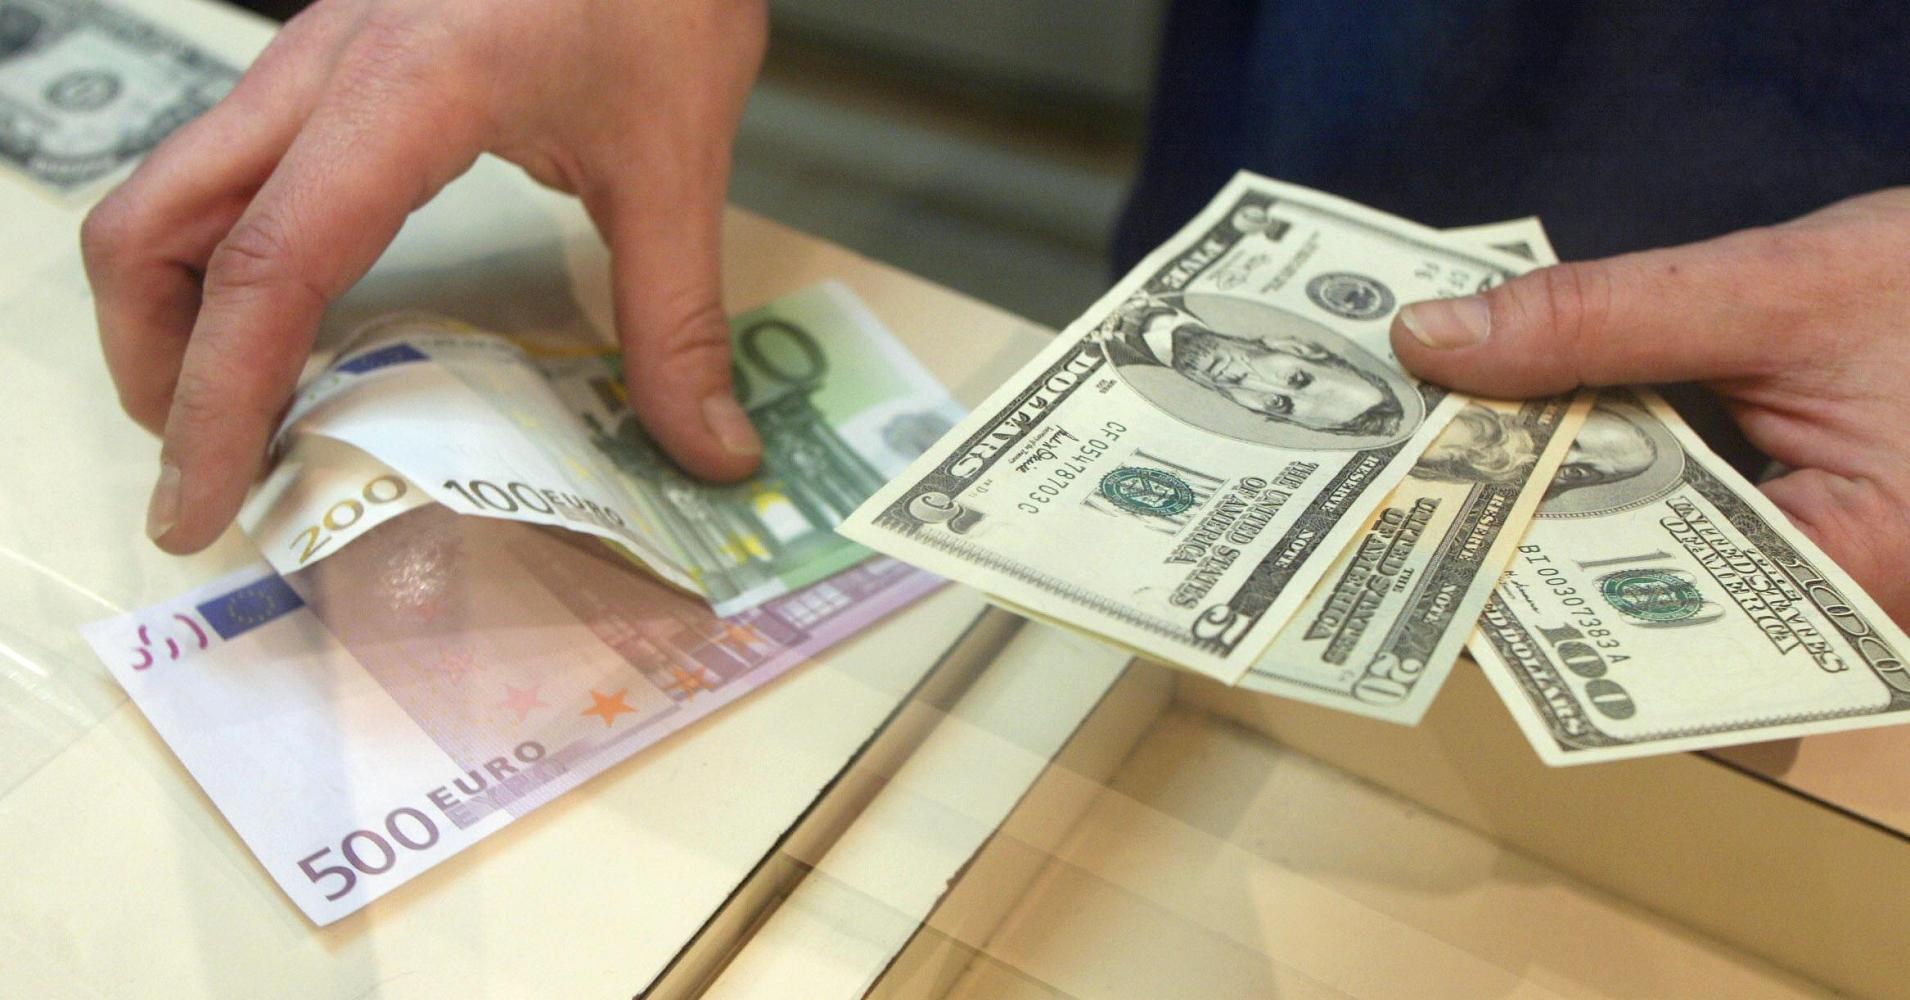 قیمت دلار و یورو امروز دوشنبه 30 دی 98/ نرخ 15 واحد پولی کاهش یافت